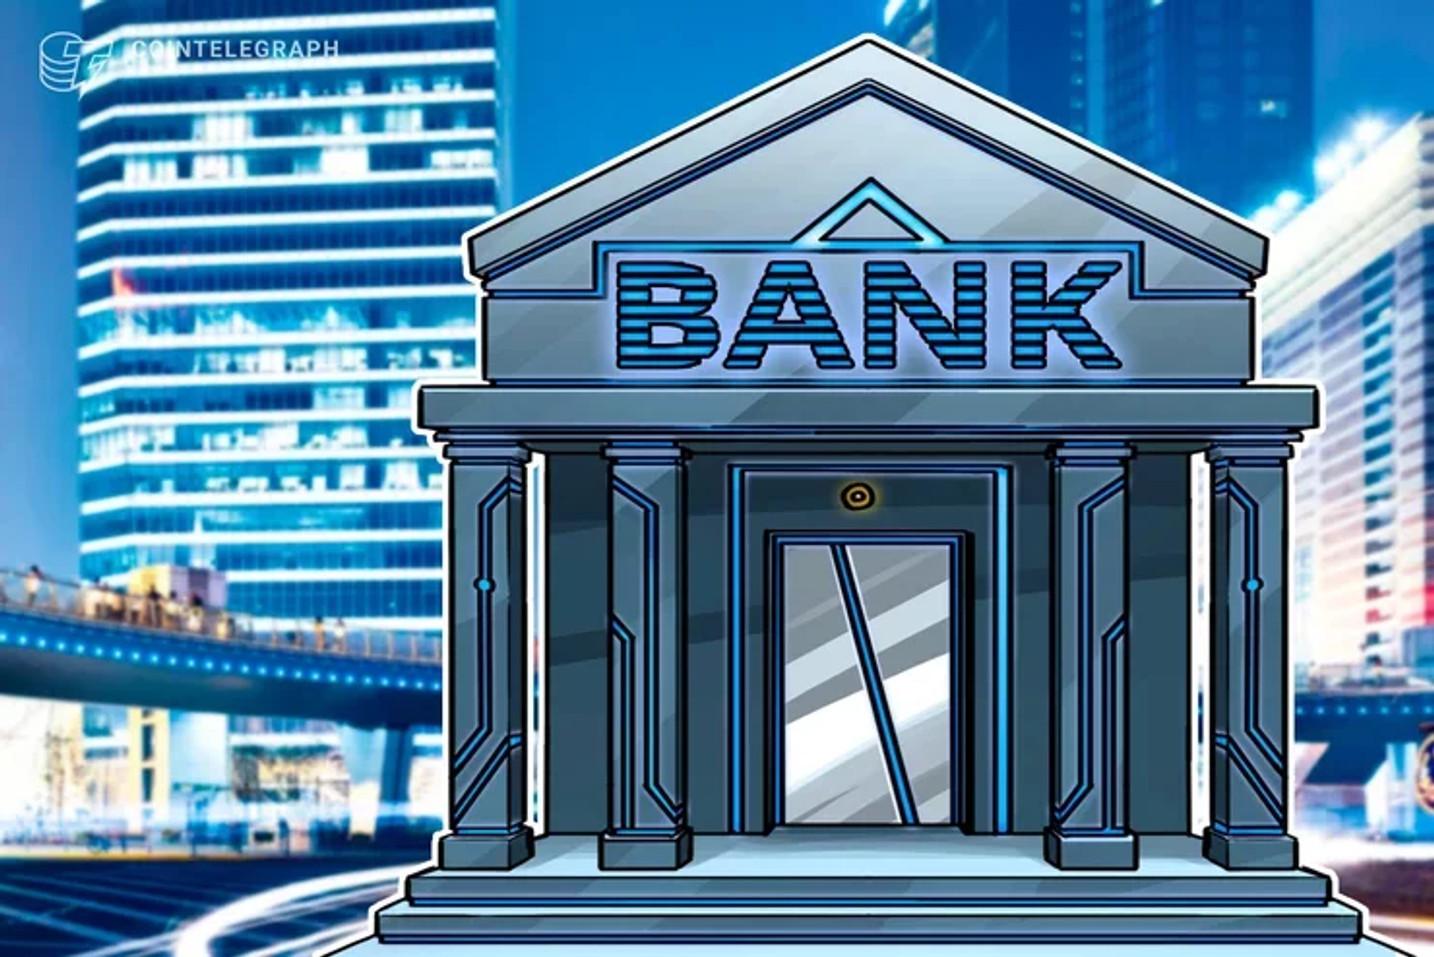 Opa Pagamentos esclarece que não tem nenhuma relação societária ou de gestão com o Grupo Bitcoin Banco